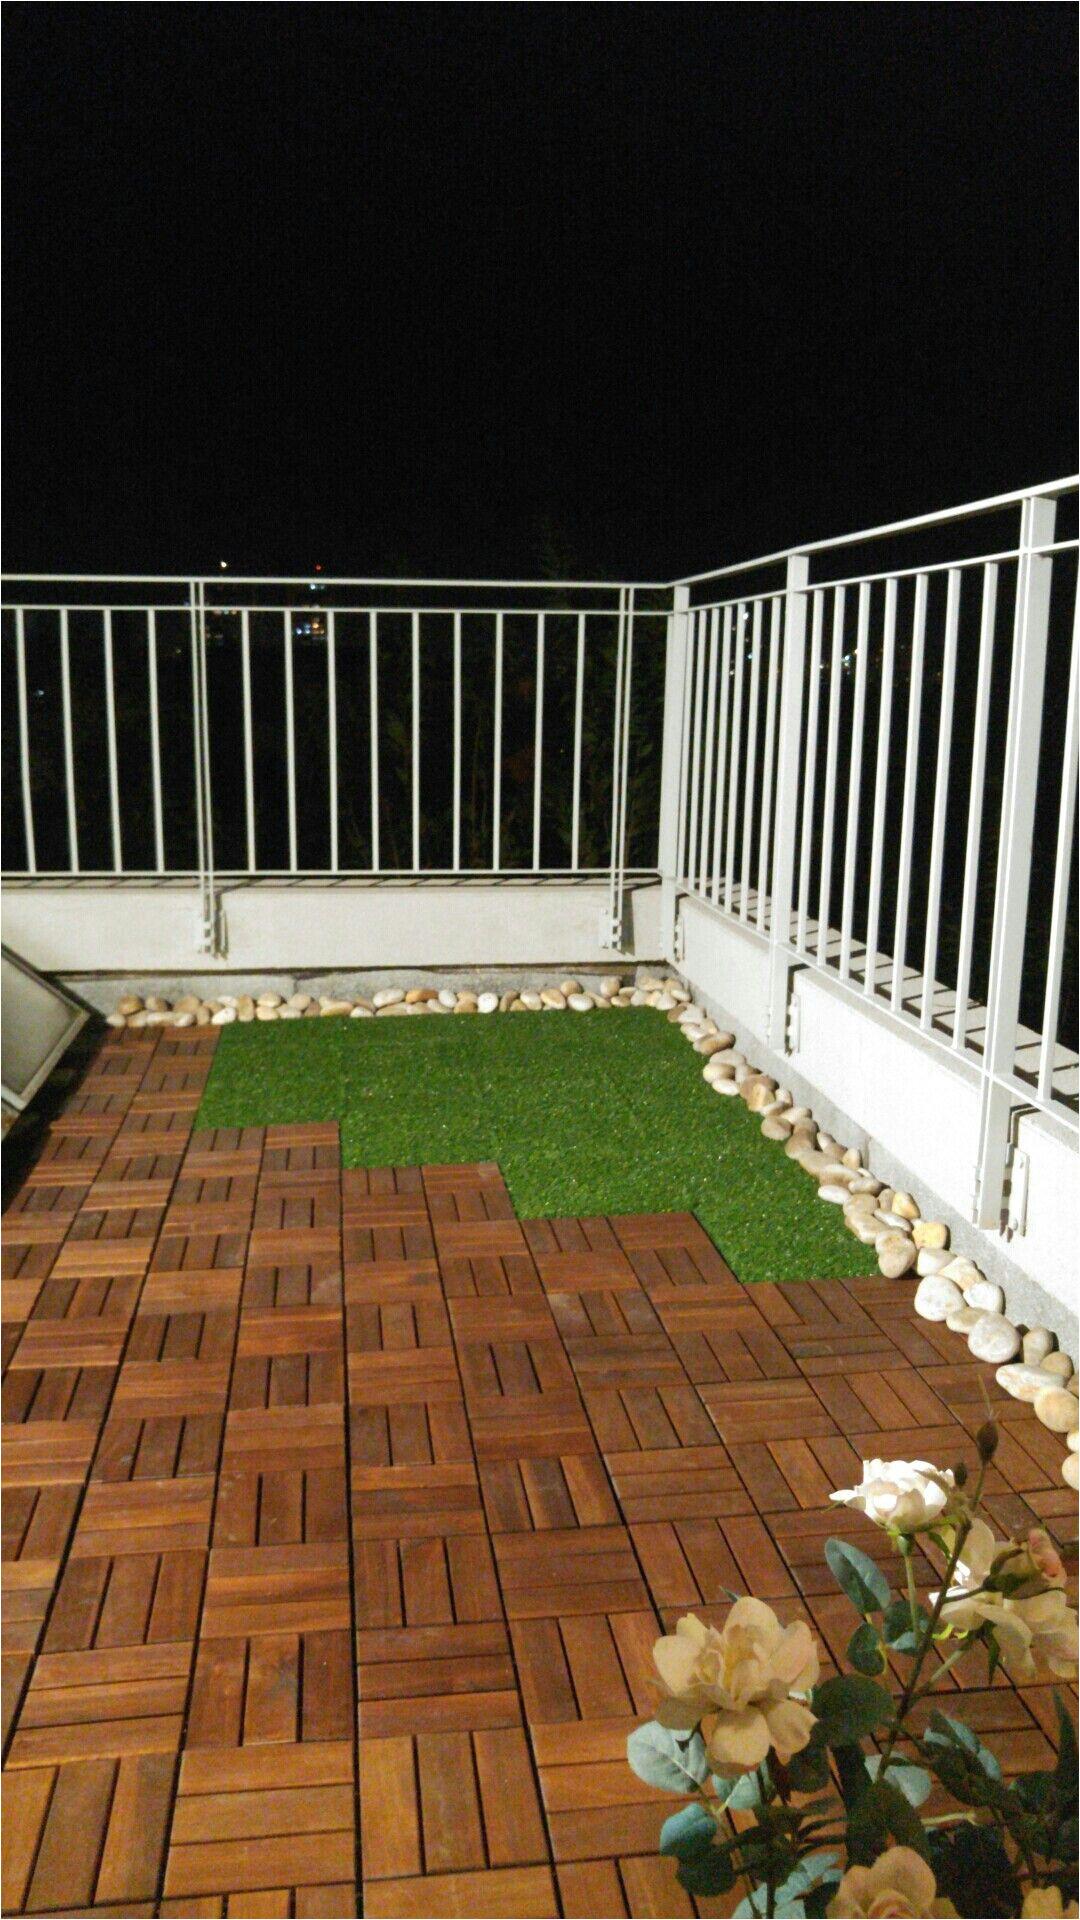 ikea runnen grass and wood flooring